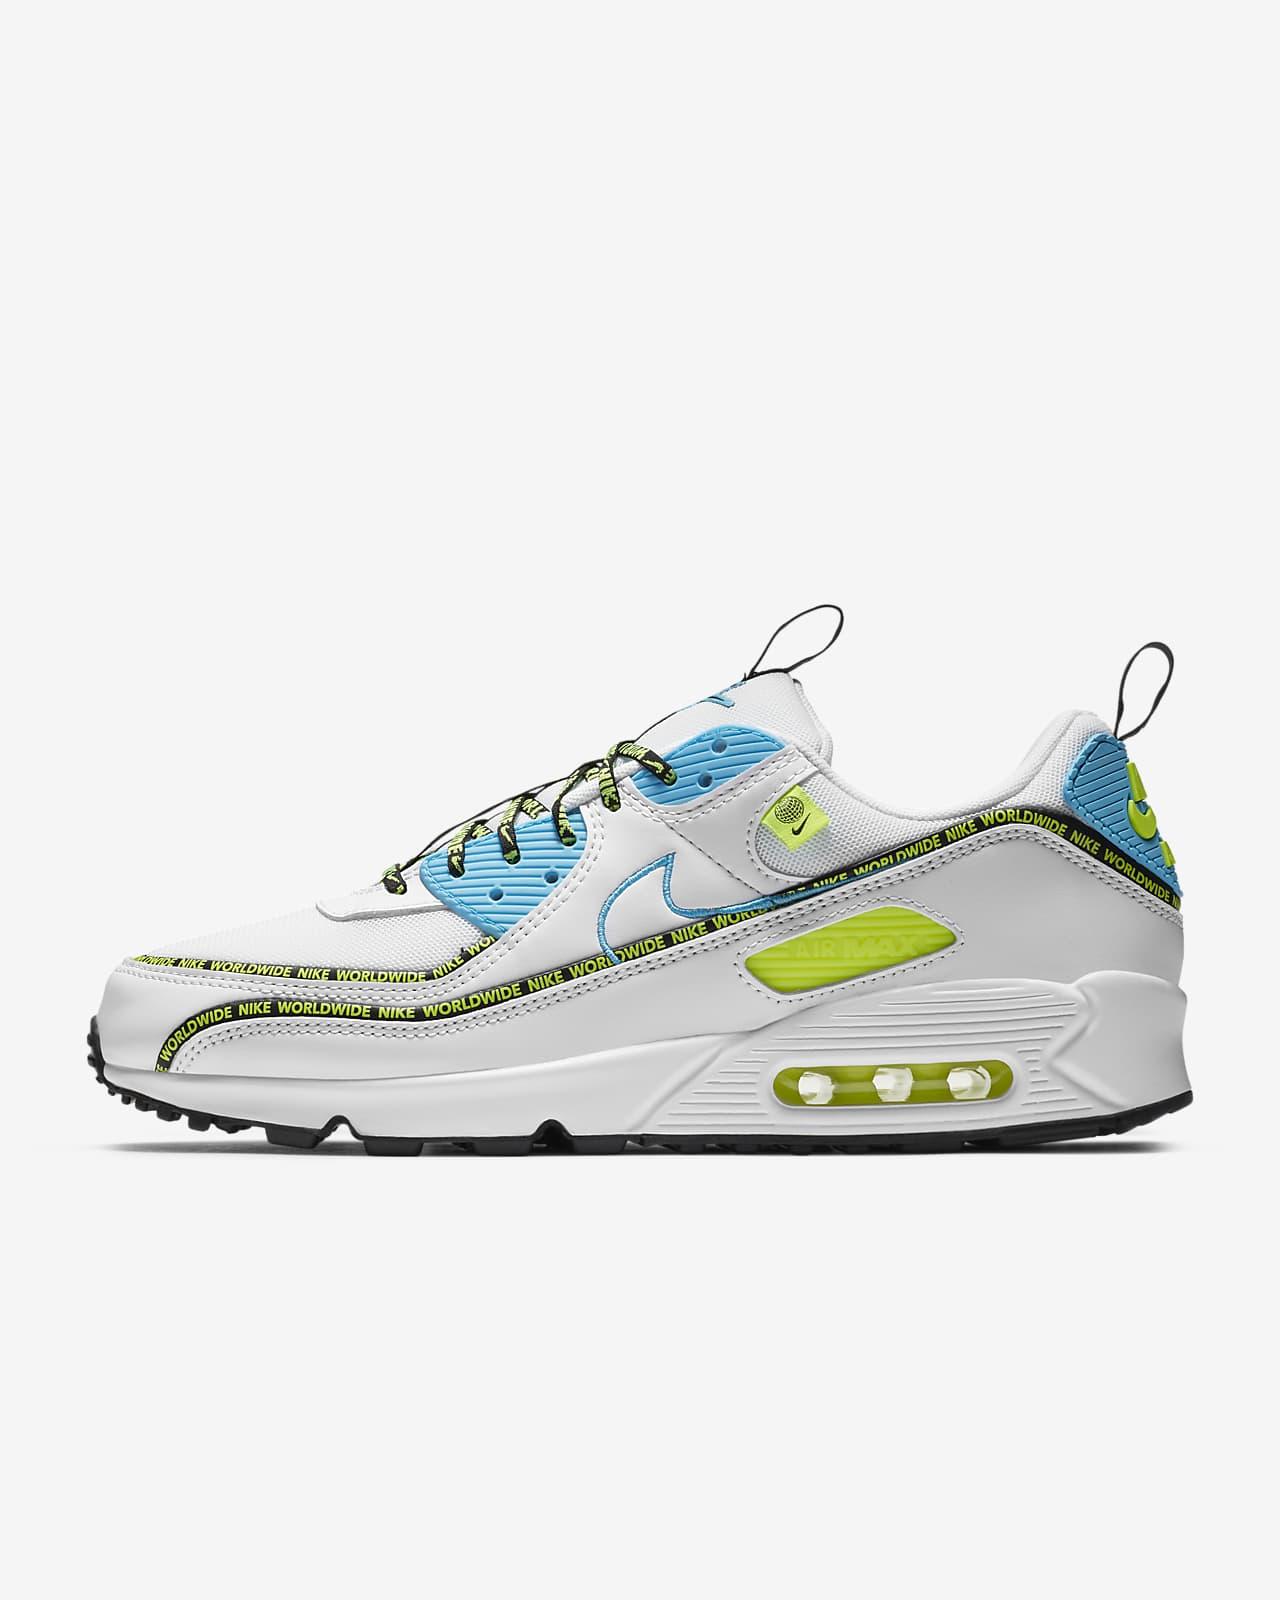 รองเท้าผู้ชาย Nike Air Max 90 SE